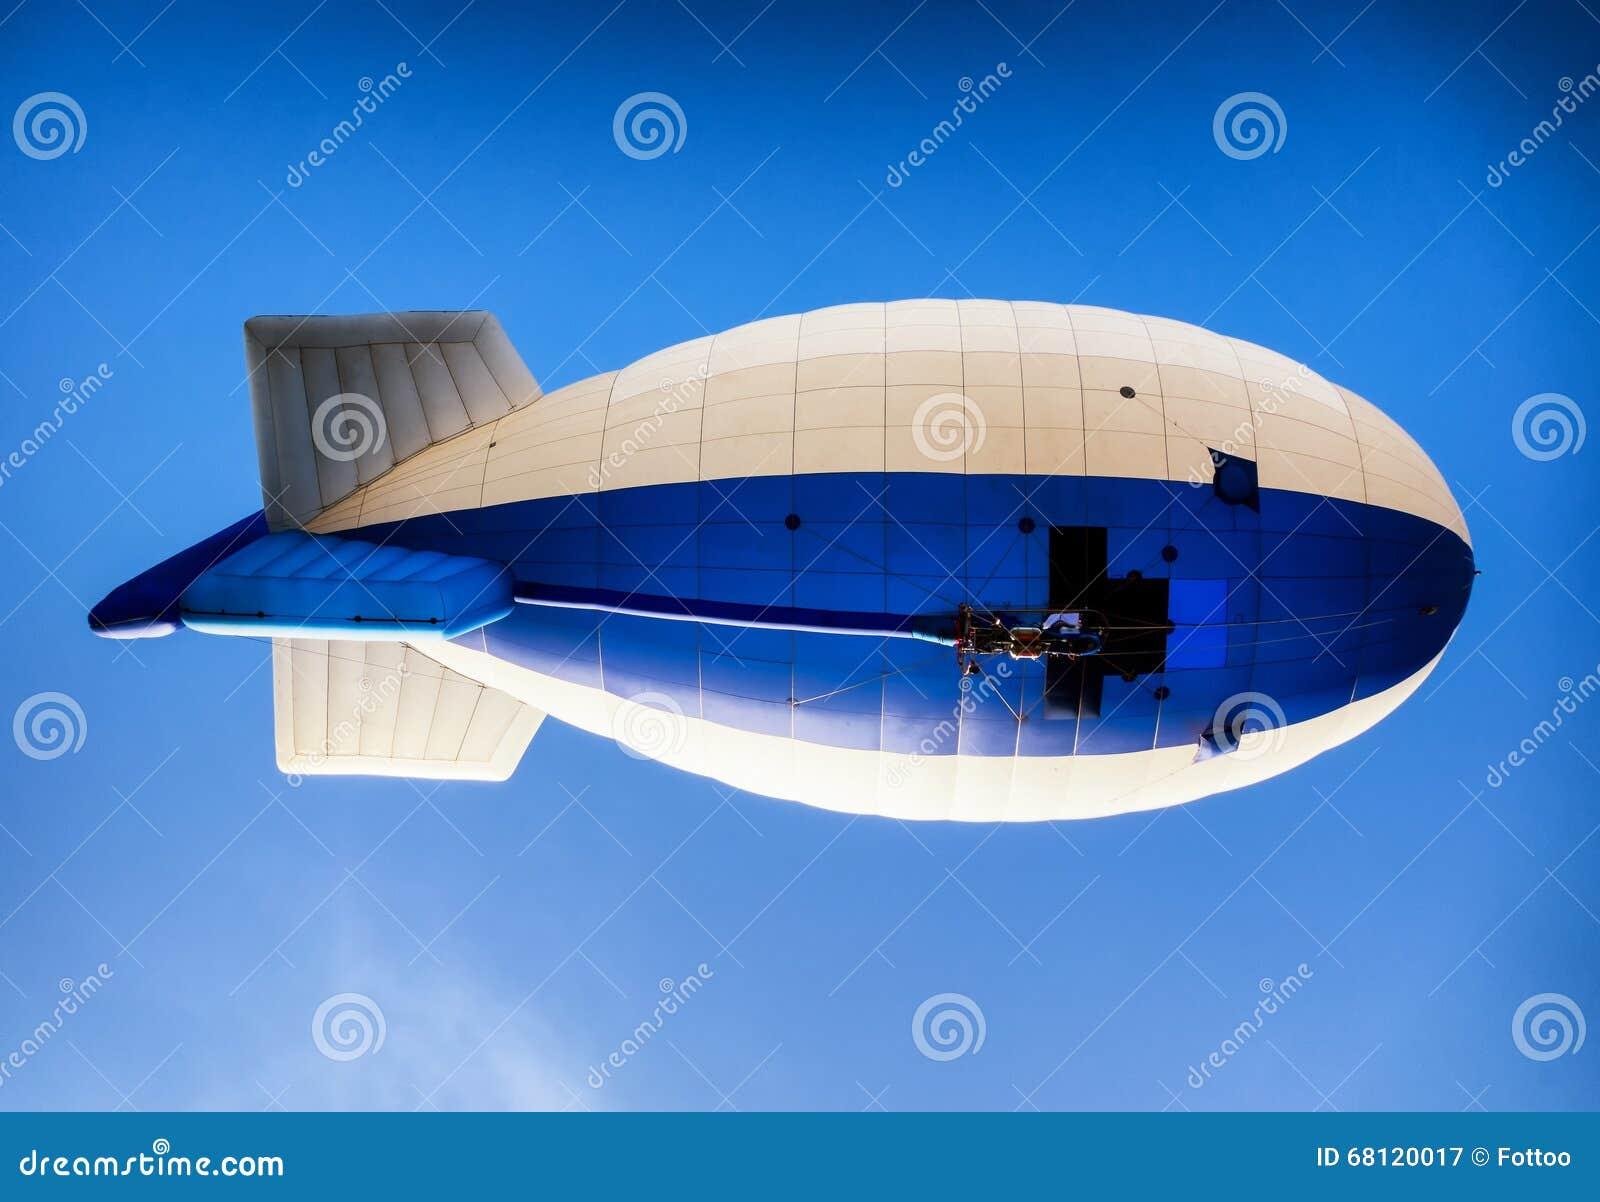 欧洲热空气飞艇冠军2016年tegernsee -德国